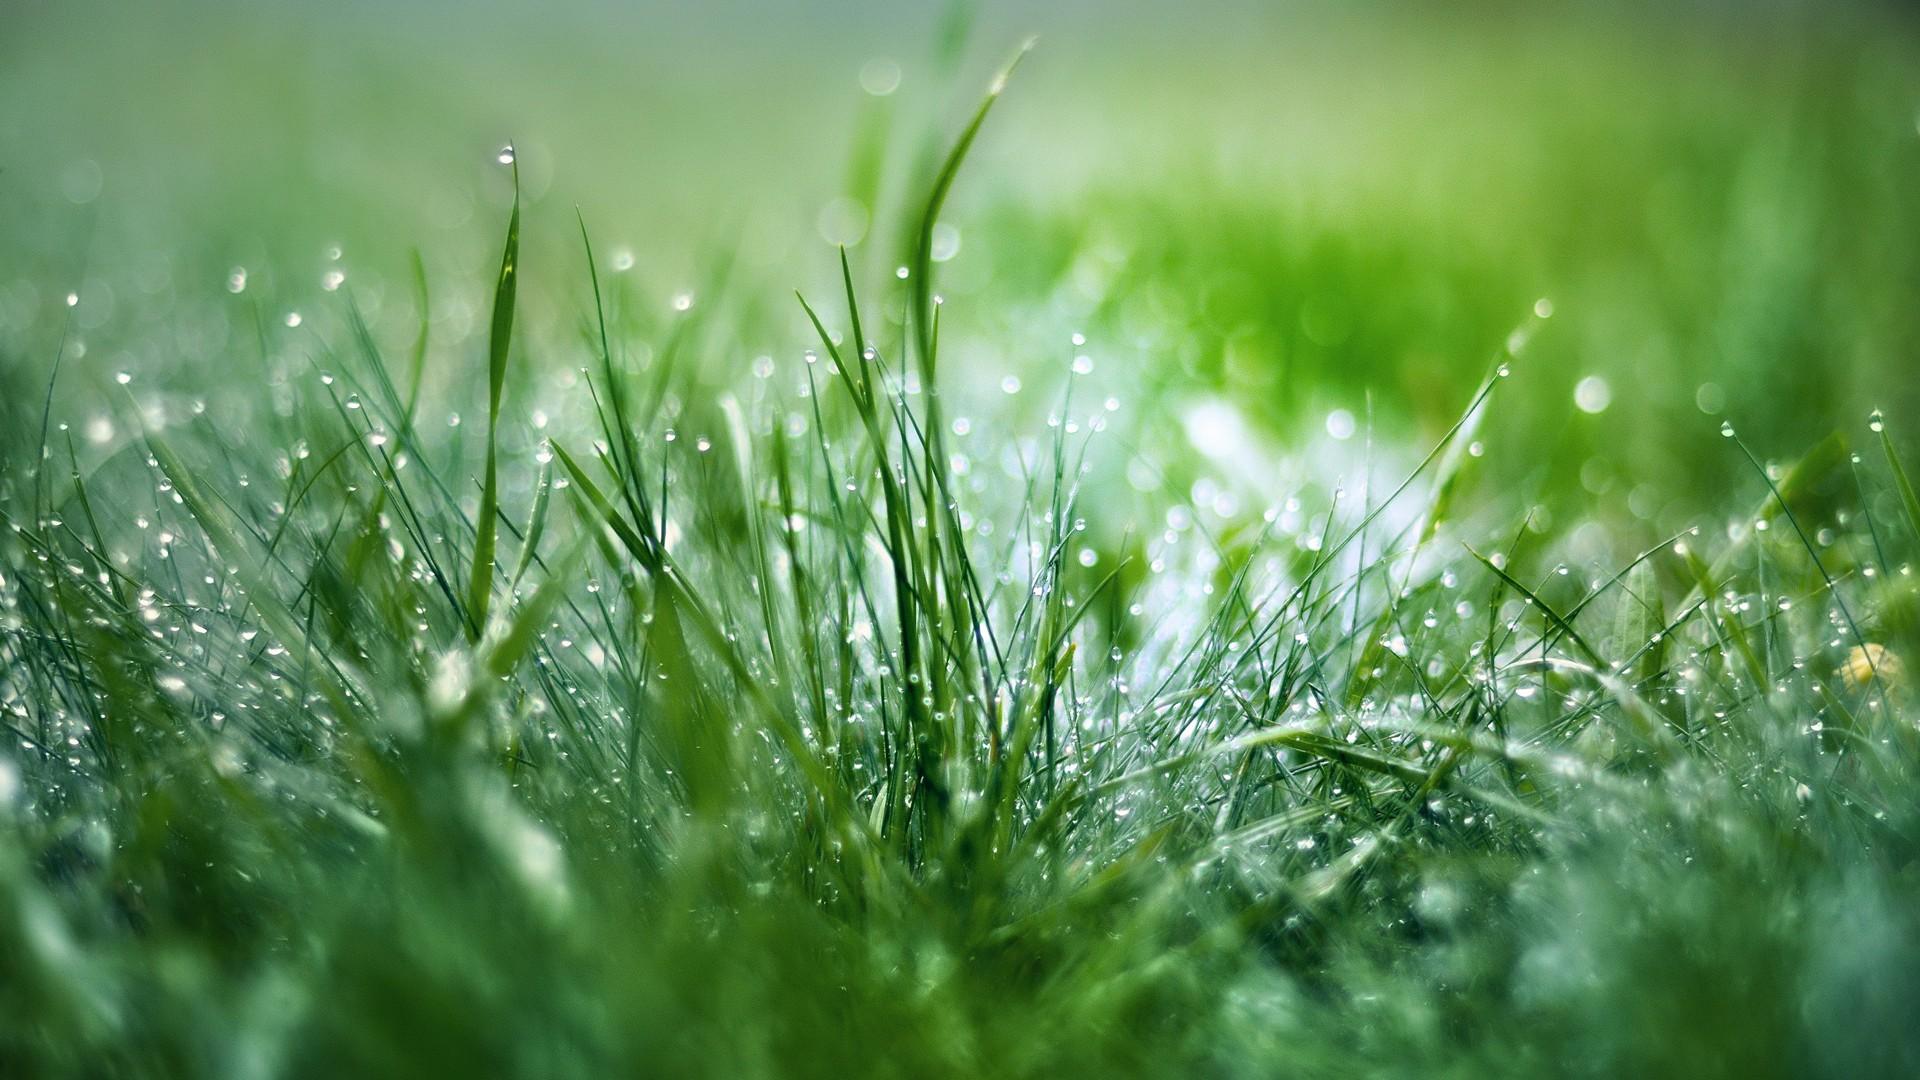 дождь трава цветы природа на телефон